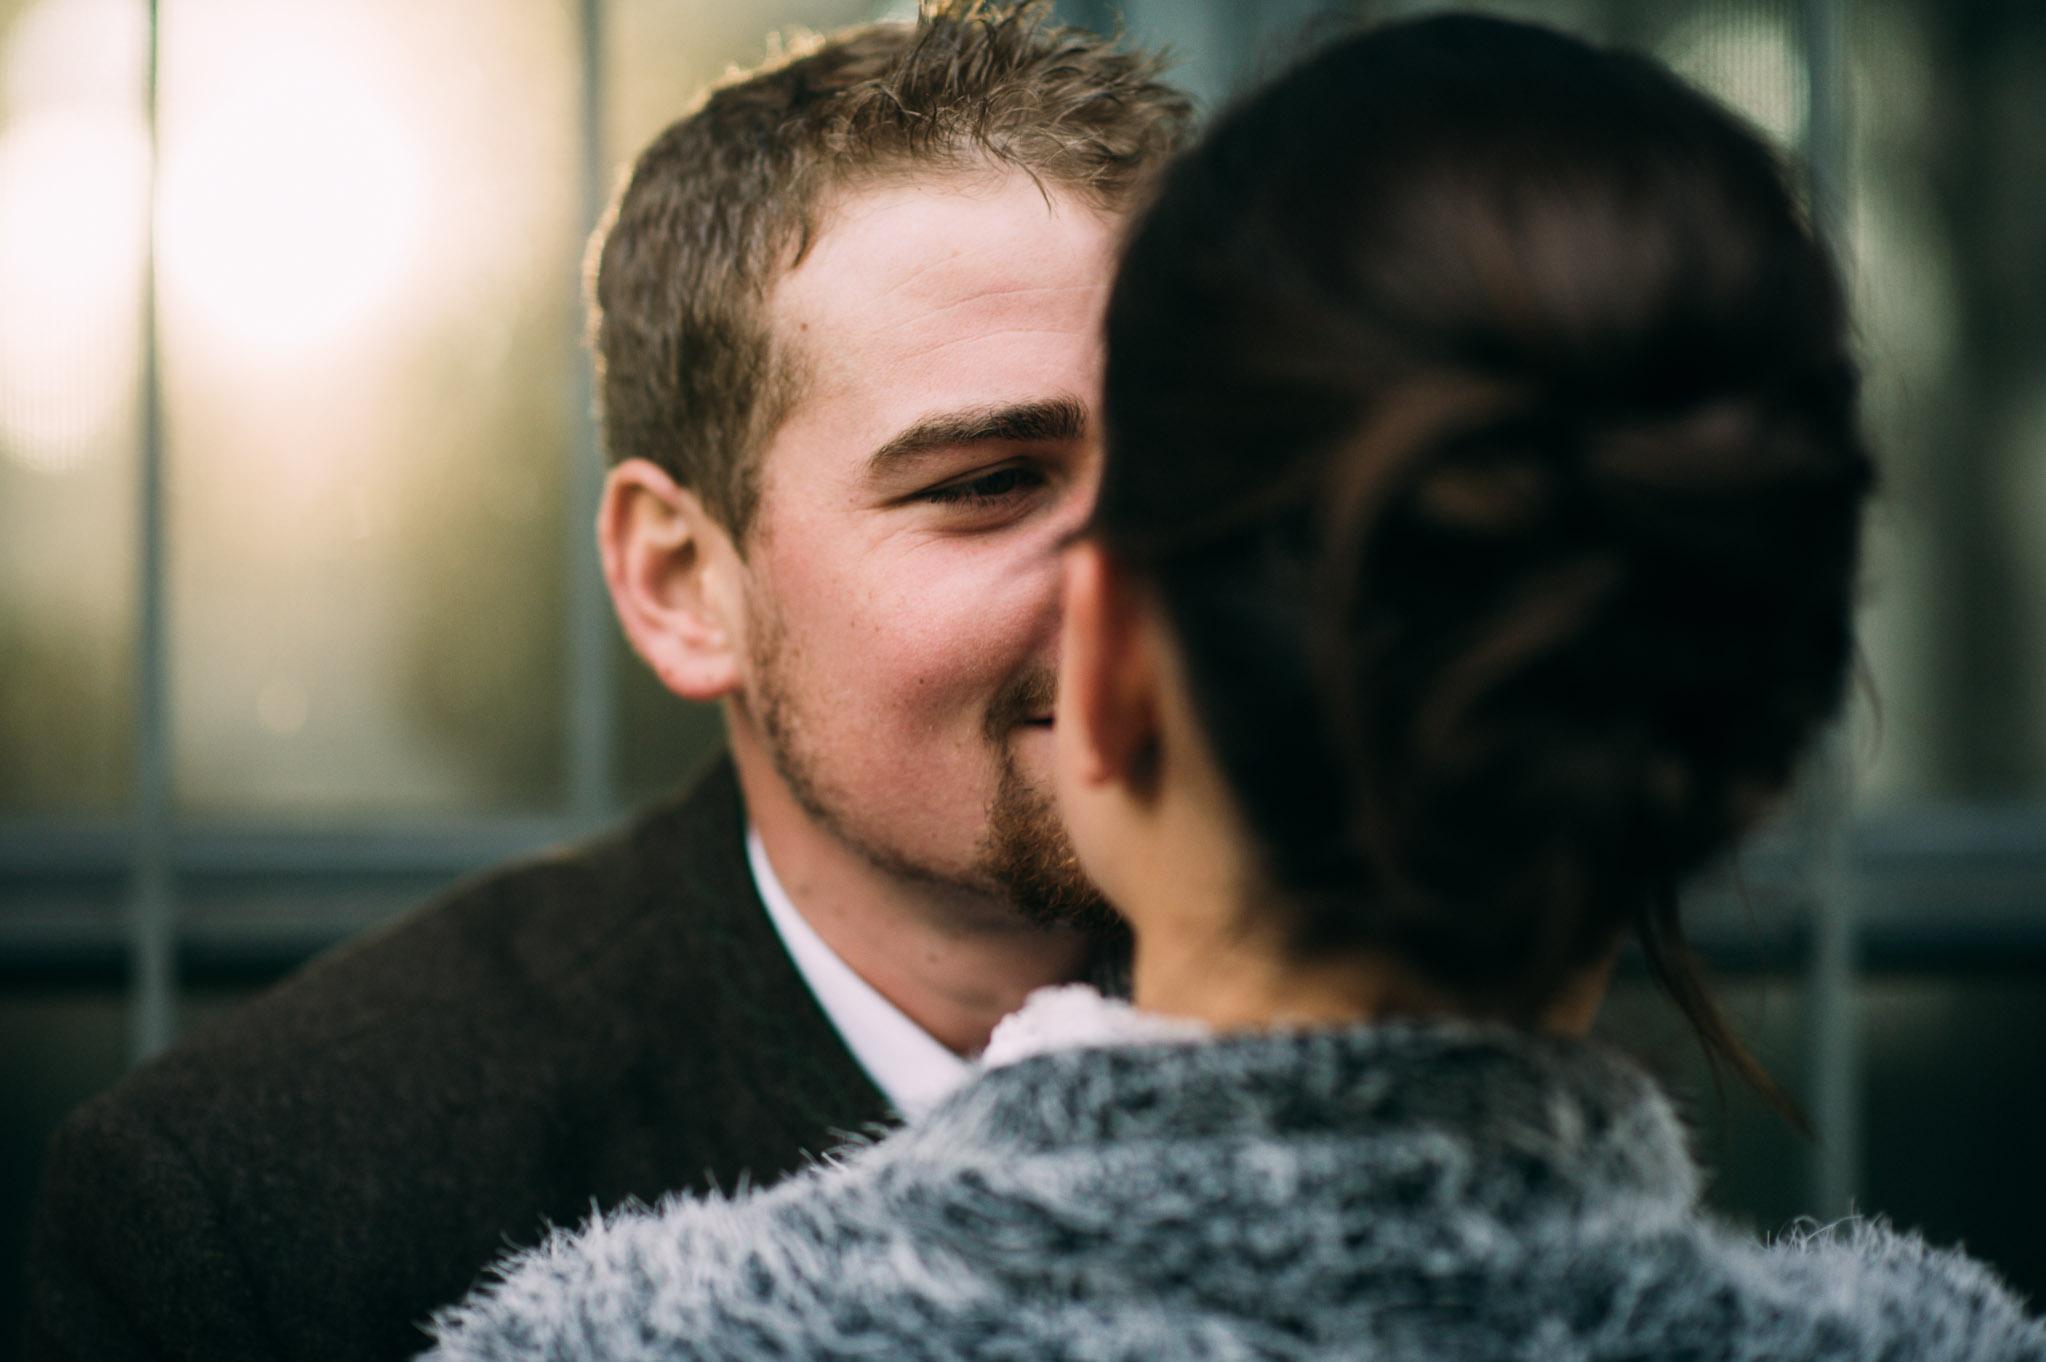 Paar, das sich einen Kuss gibt.